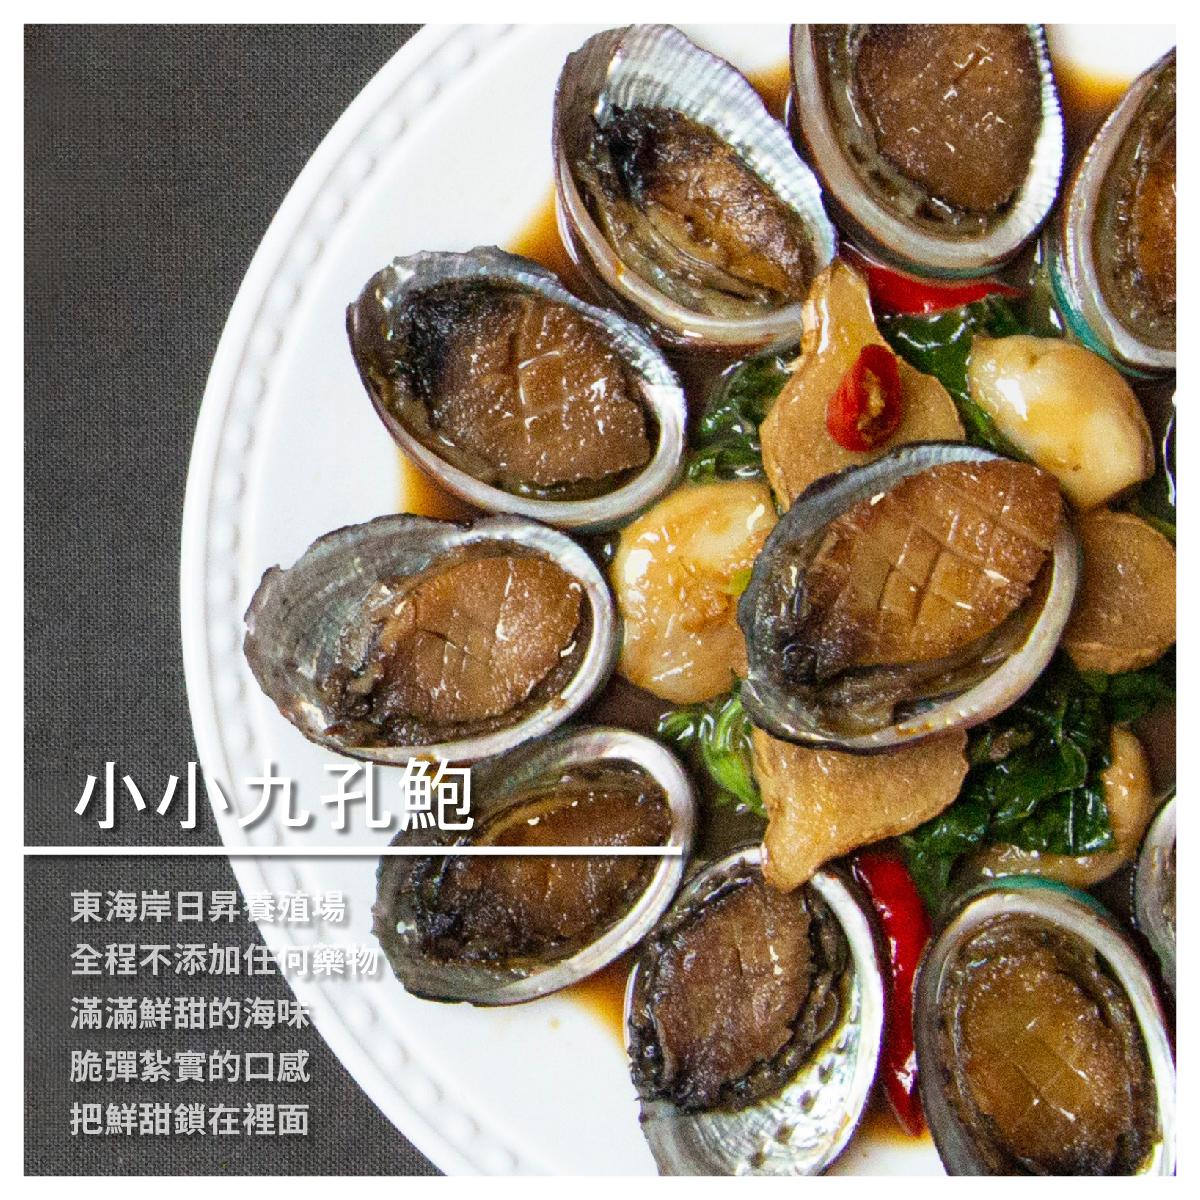 【洋昇水產】小小九孔鮑300g/盒